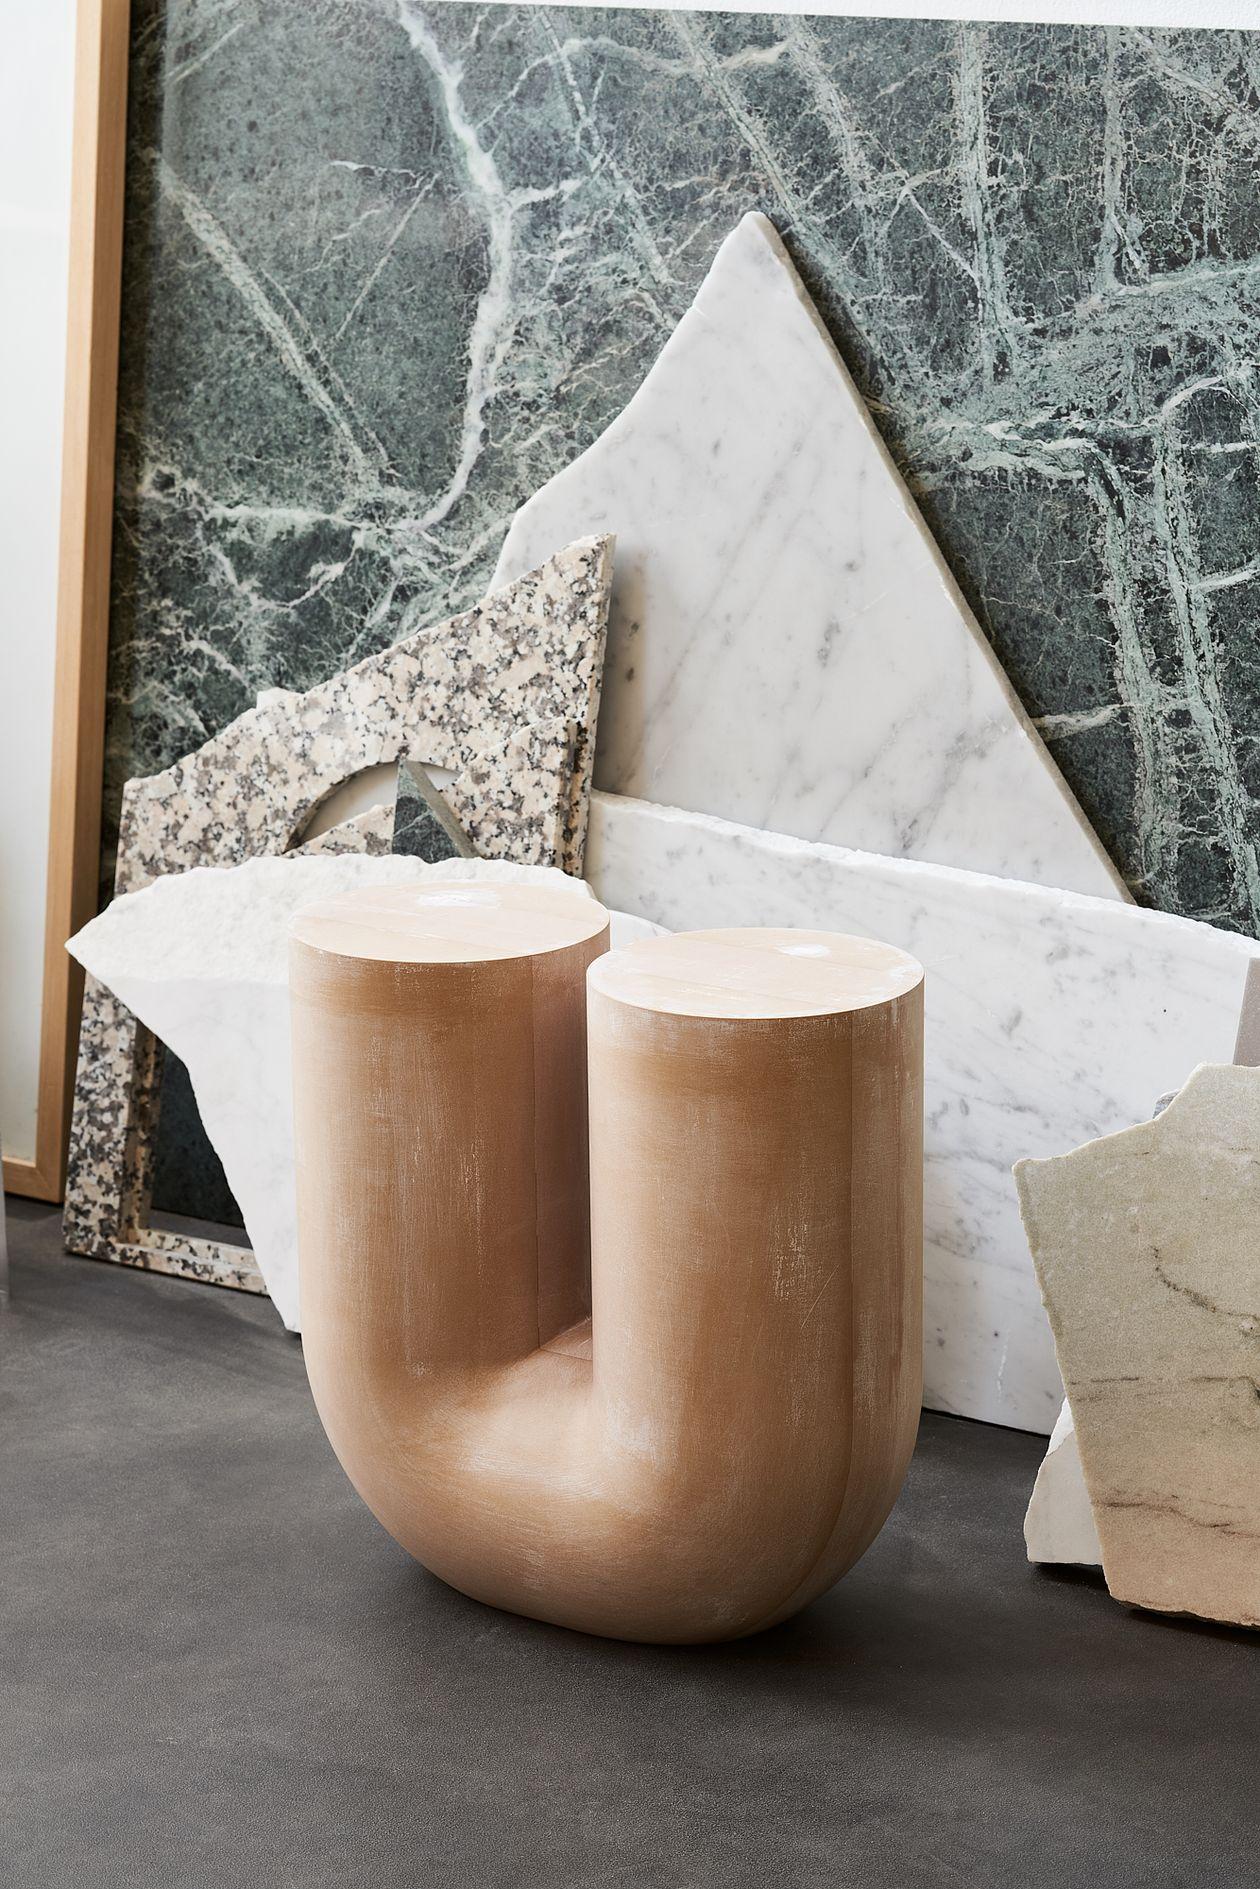 A slip-cast model version of the Kink vase.